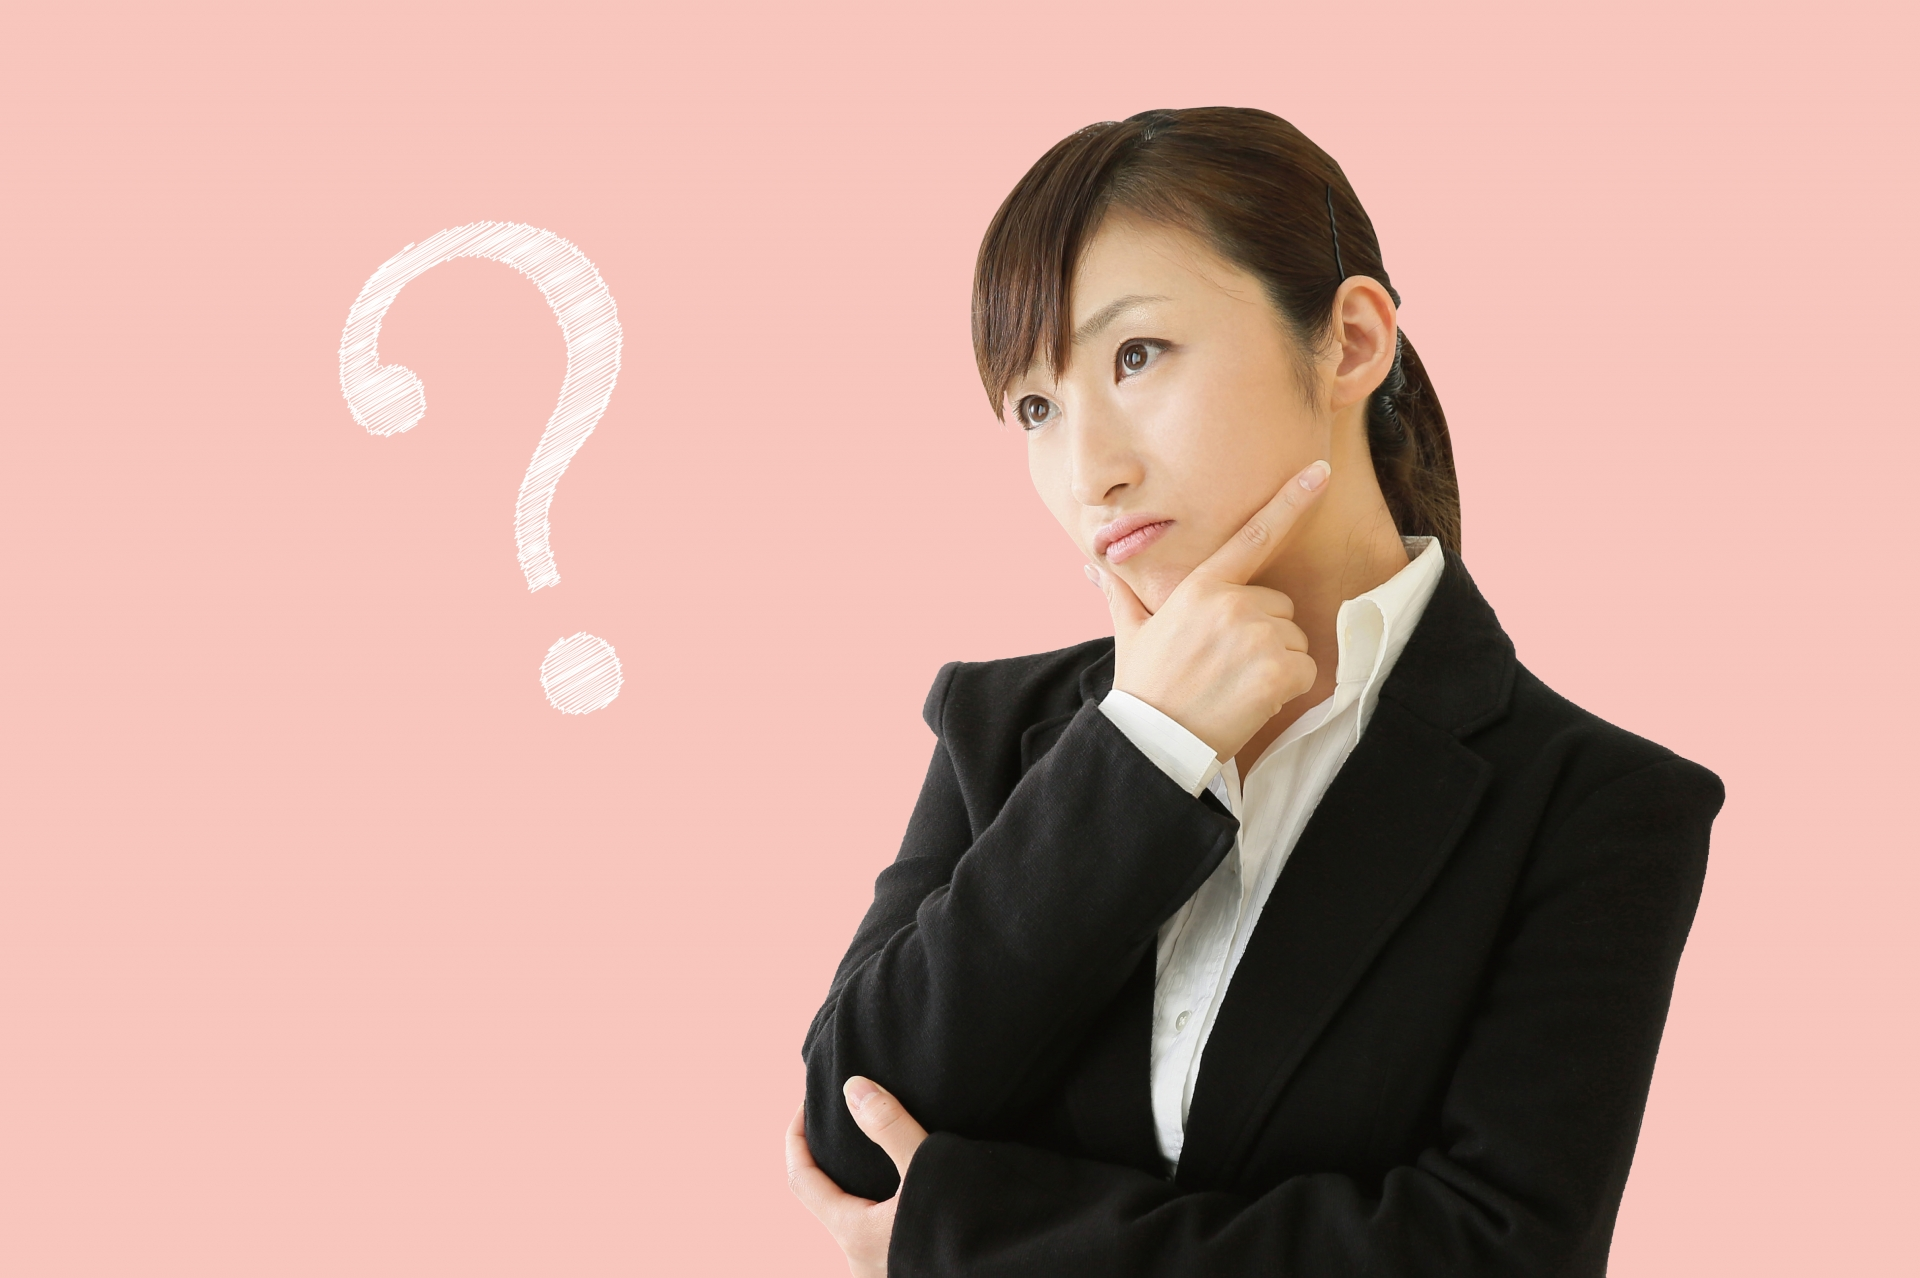 57f11fcfad14636377af1d17b13d8d31 m 医薬部外品って、ふつうの化粧品とどう違うの?